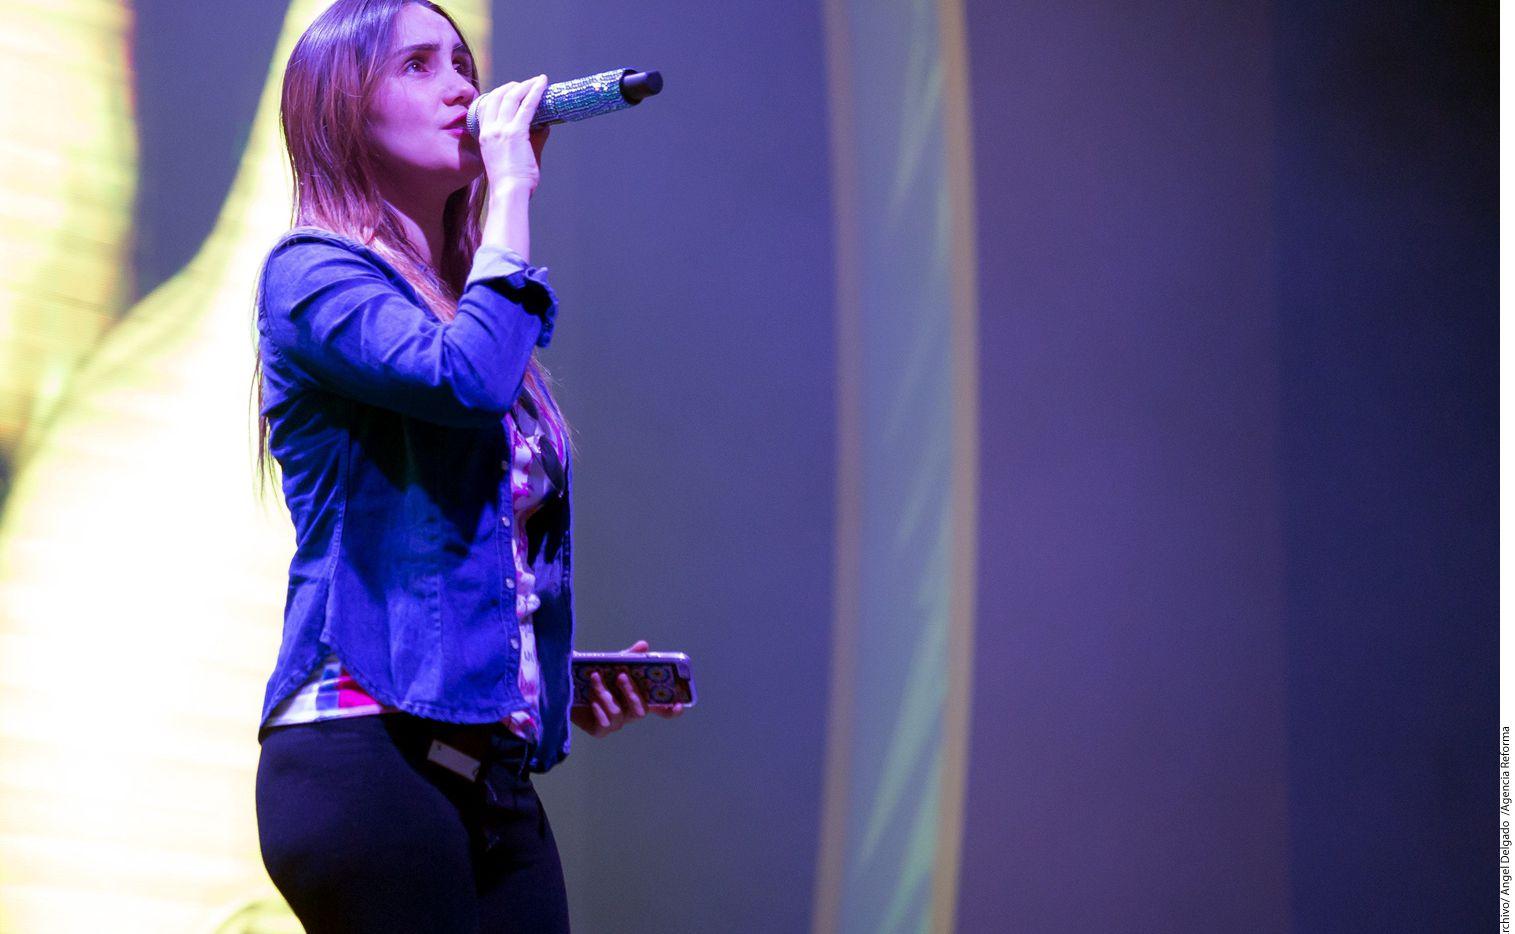 La cantante Dulce María ha estado en el ojo del huracán por tener un novio mayor que ella y casado./AGENCIA REFORMA